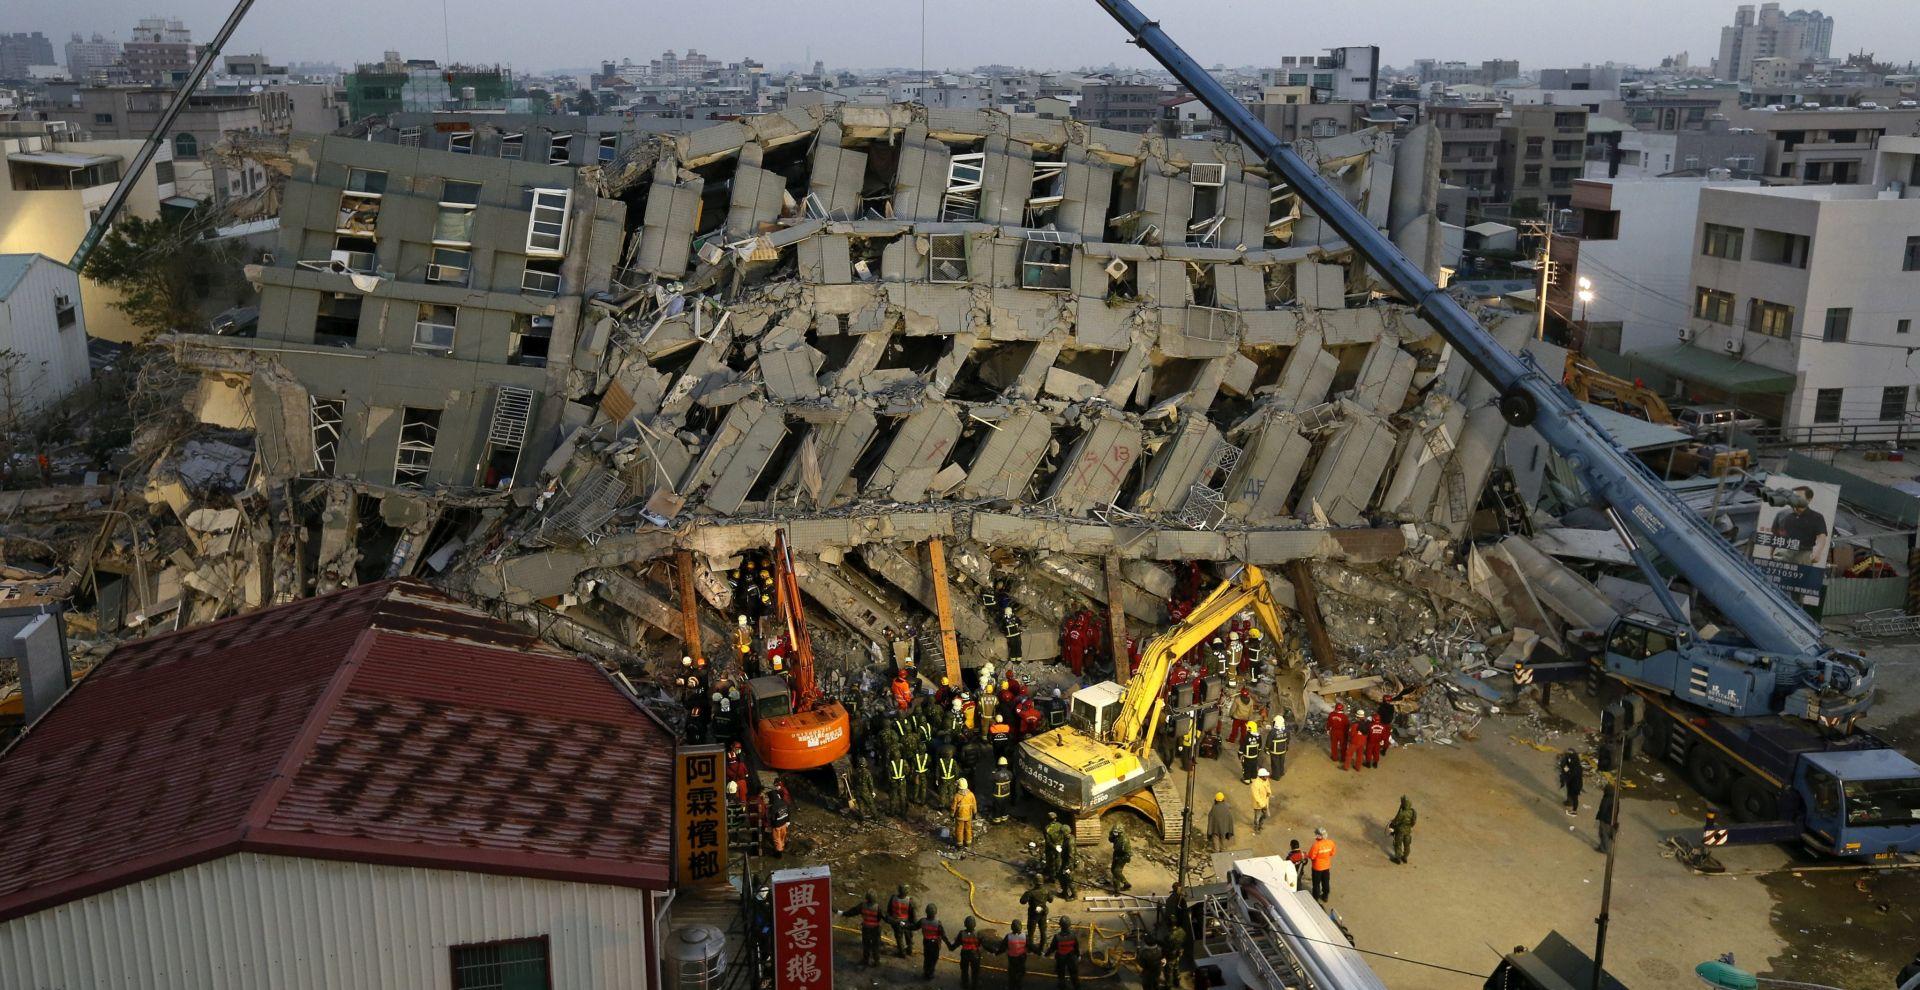 ZAROBLJENE JOŠ NAJMANJE 124 OSOBE Dvadesetogodišnjak izvučen iz ruševina zgrada 24 sata nakon potresa